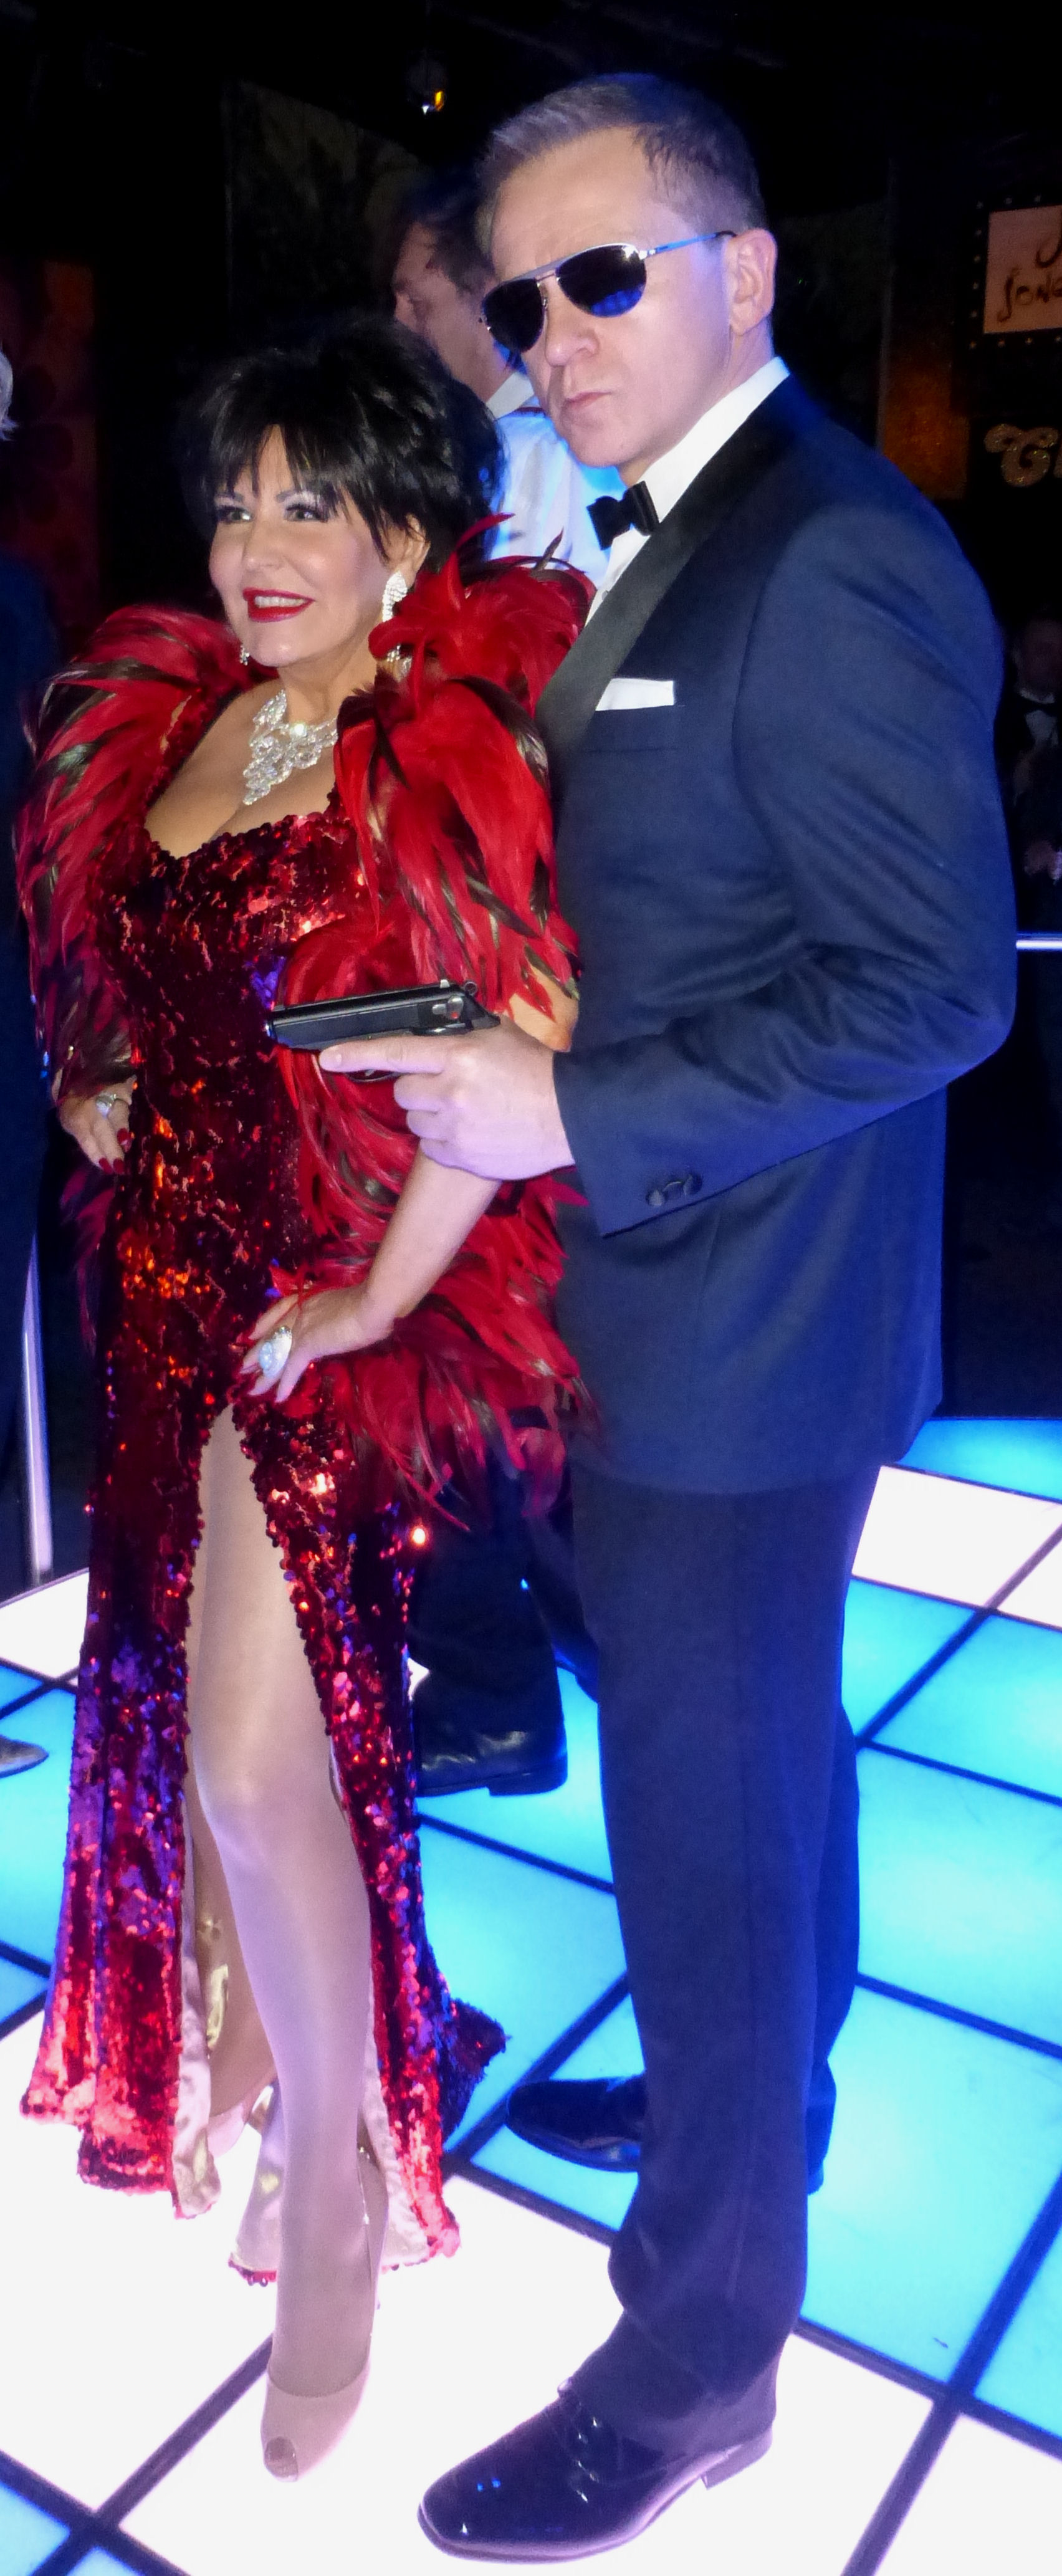 Shirley Bassey Tribute Act